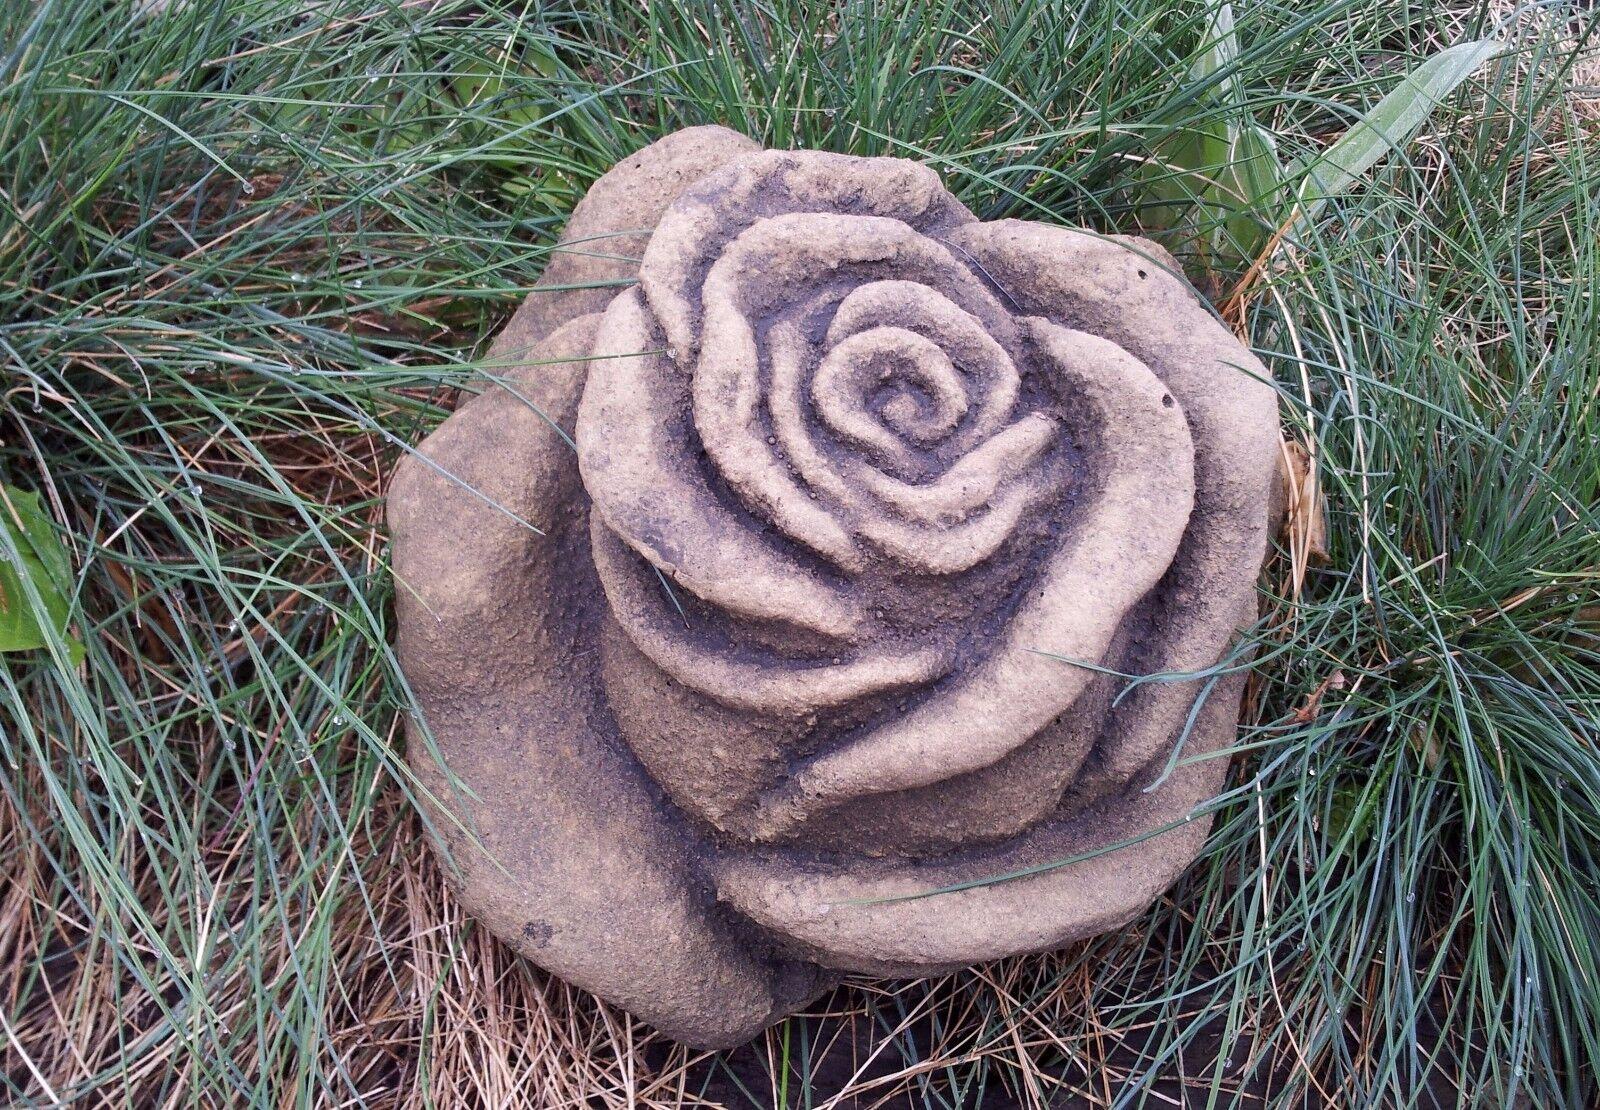 Skulptur Blaume Rosa Blüte groß Kunst Sandstein Antik Look Steinguss H 60 ROT  | eine große Vielfalt